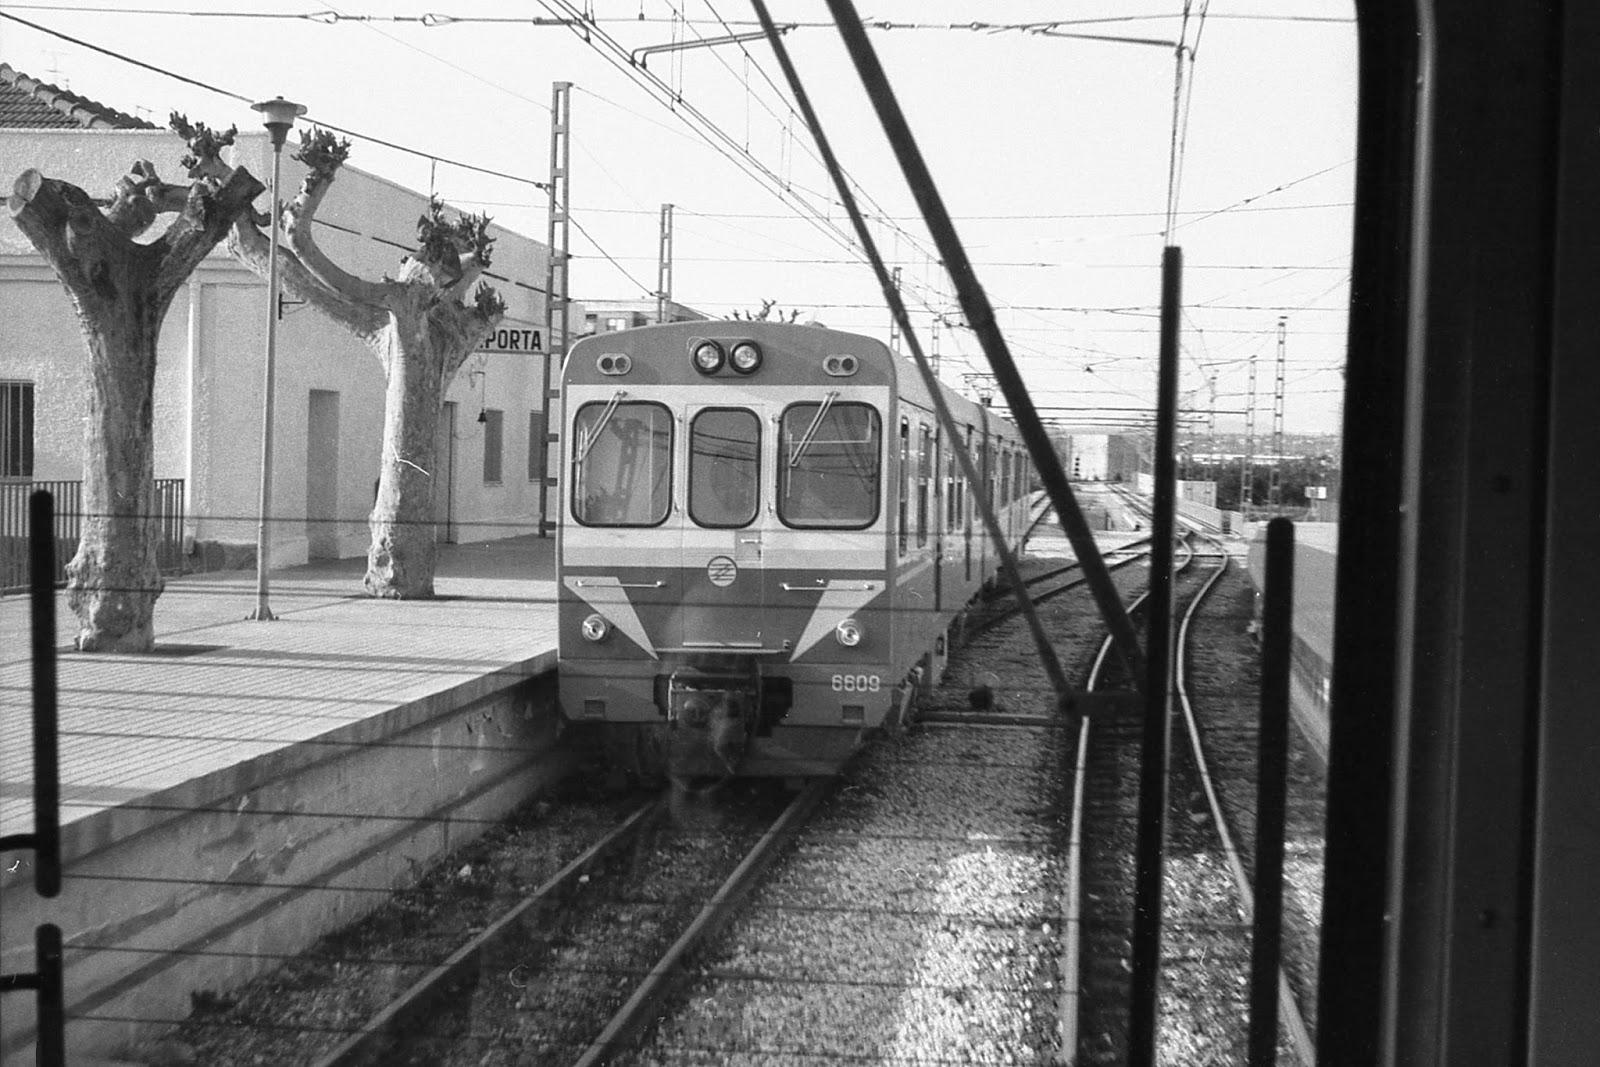 Estacion dd Paiporta , unidades de Tren BW-Ganz , fondo MVF Euskotren